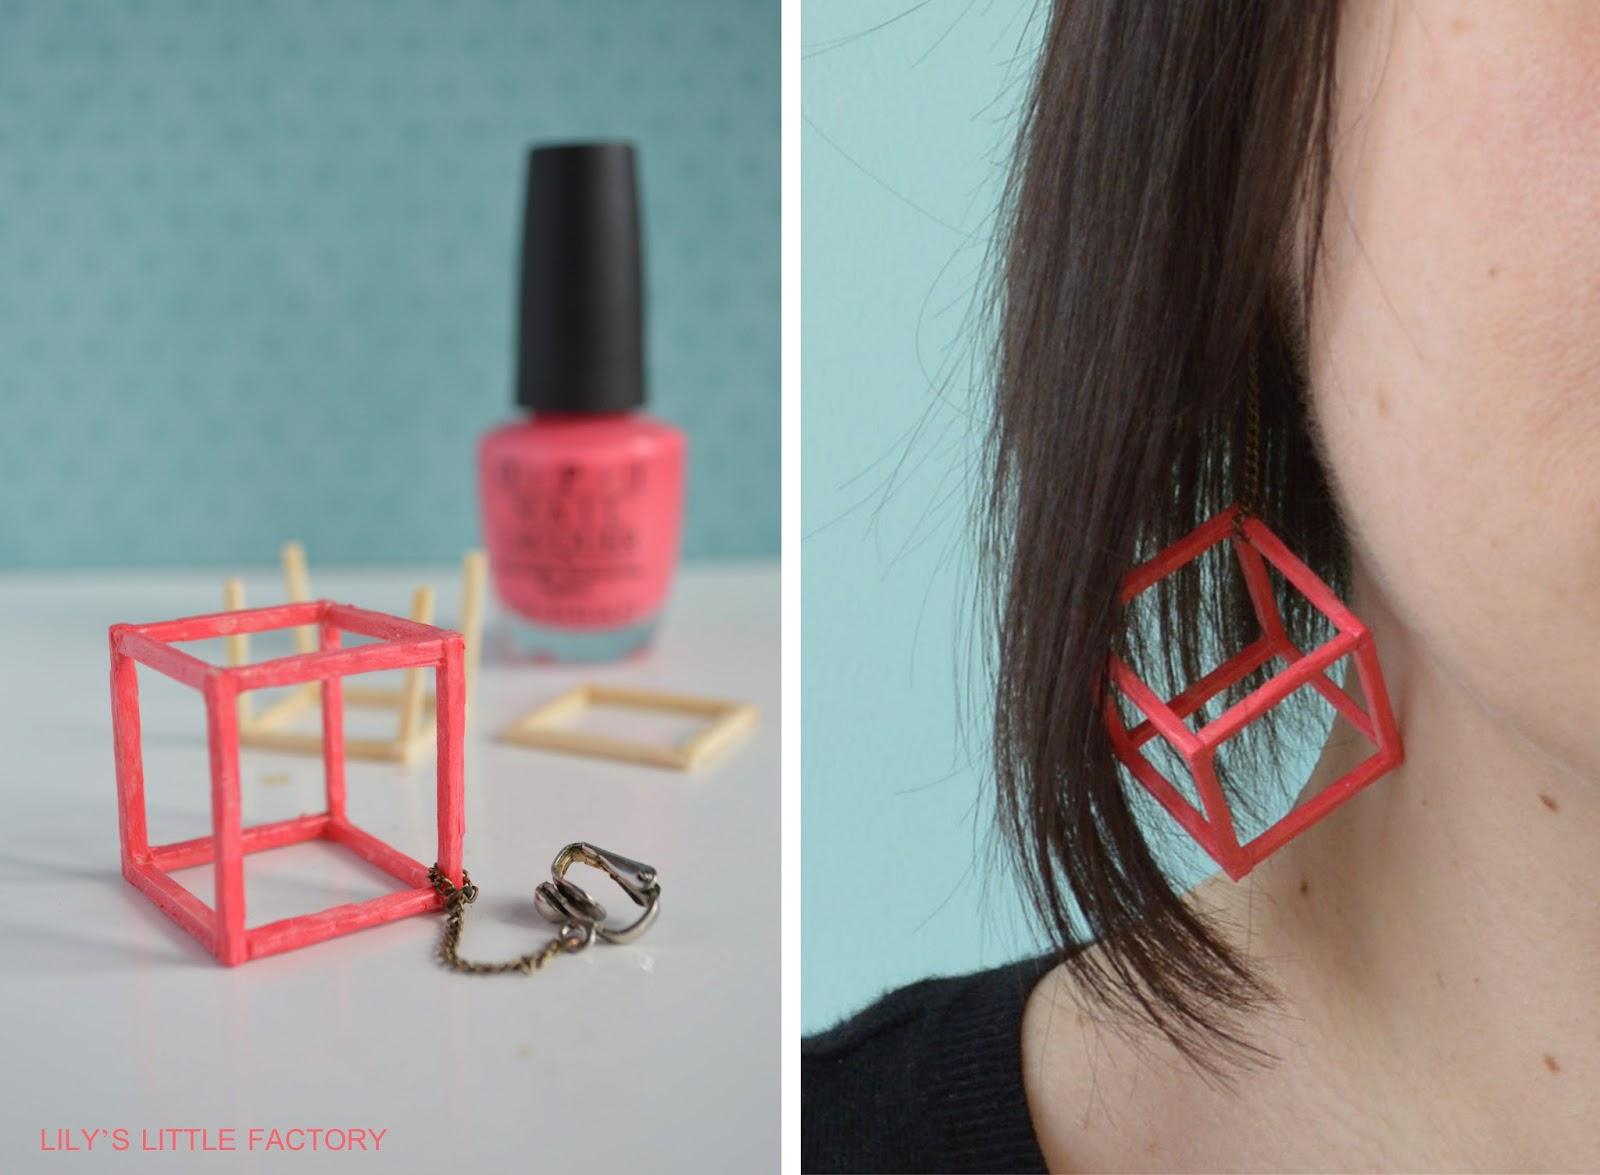 Allumettes vernis ongles boucles d 39 oreilles g om triques lily 39 s little factory blog - Porte boucle d oreille diy ...